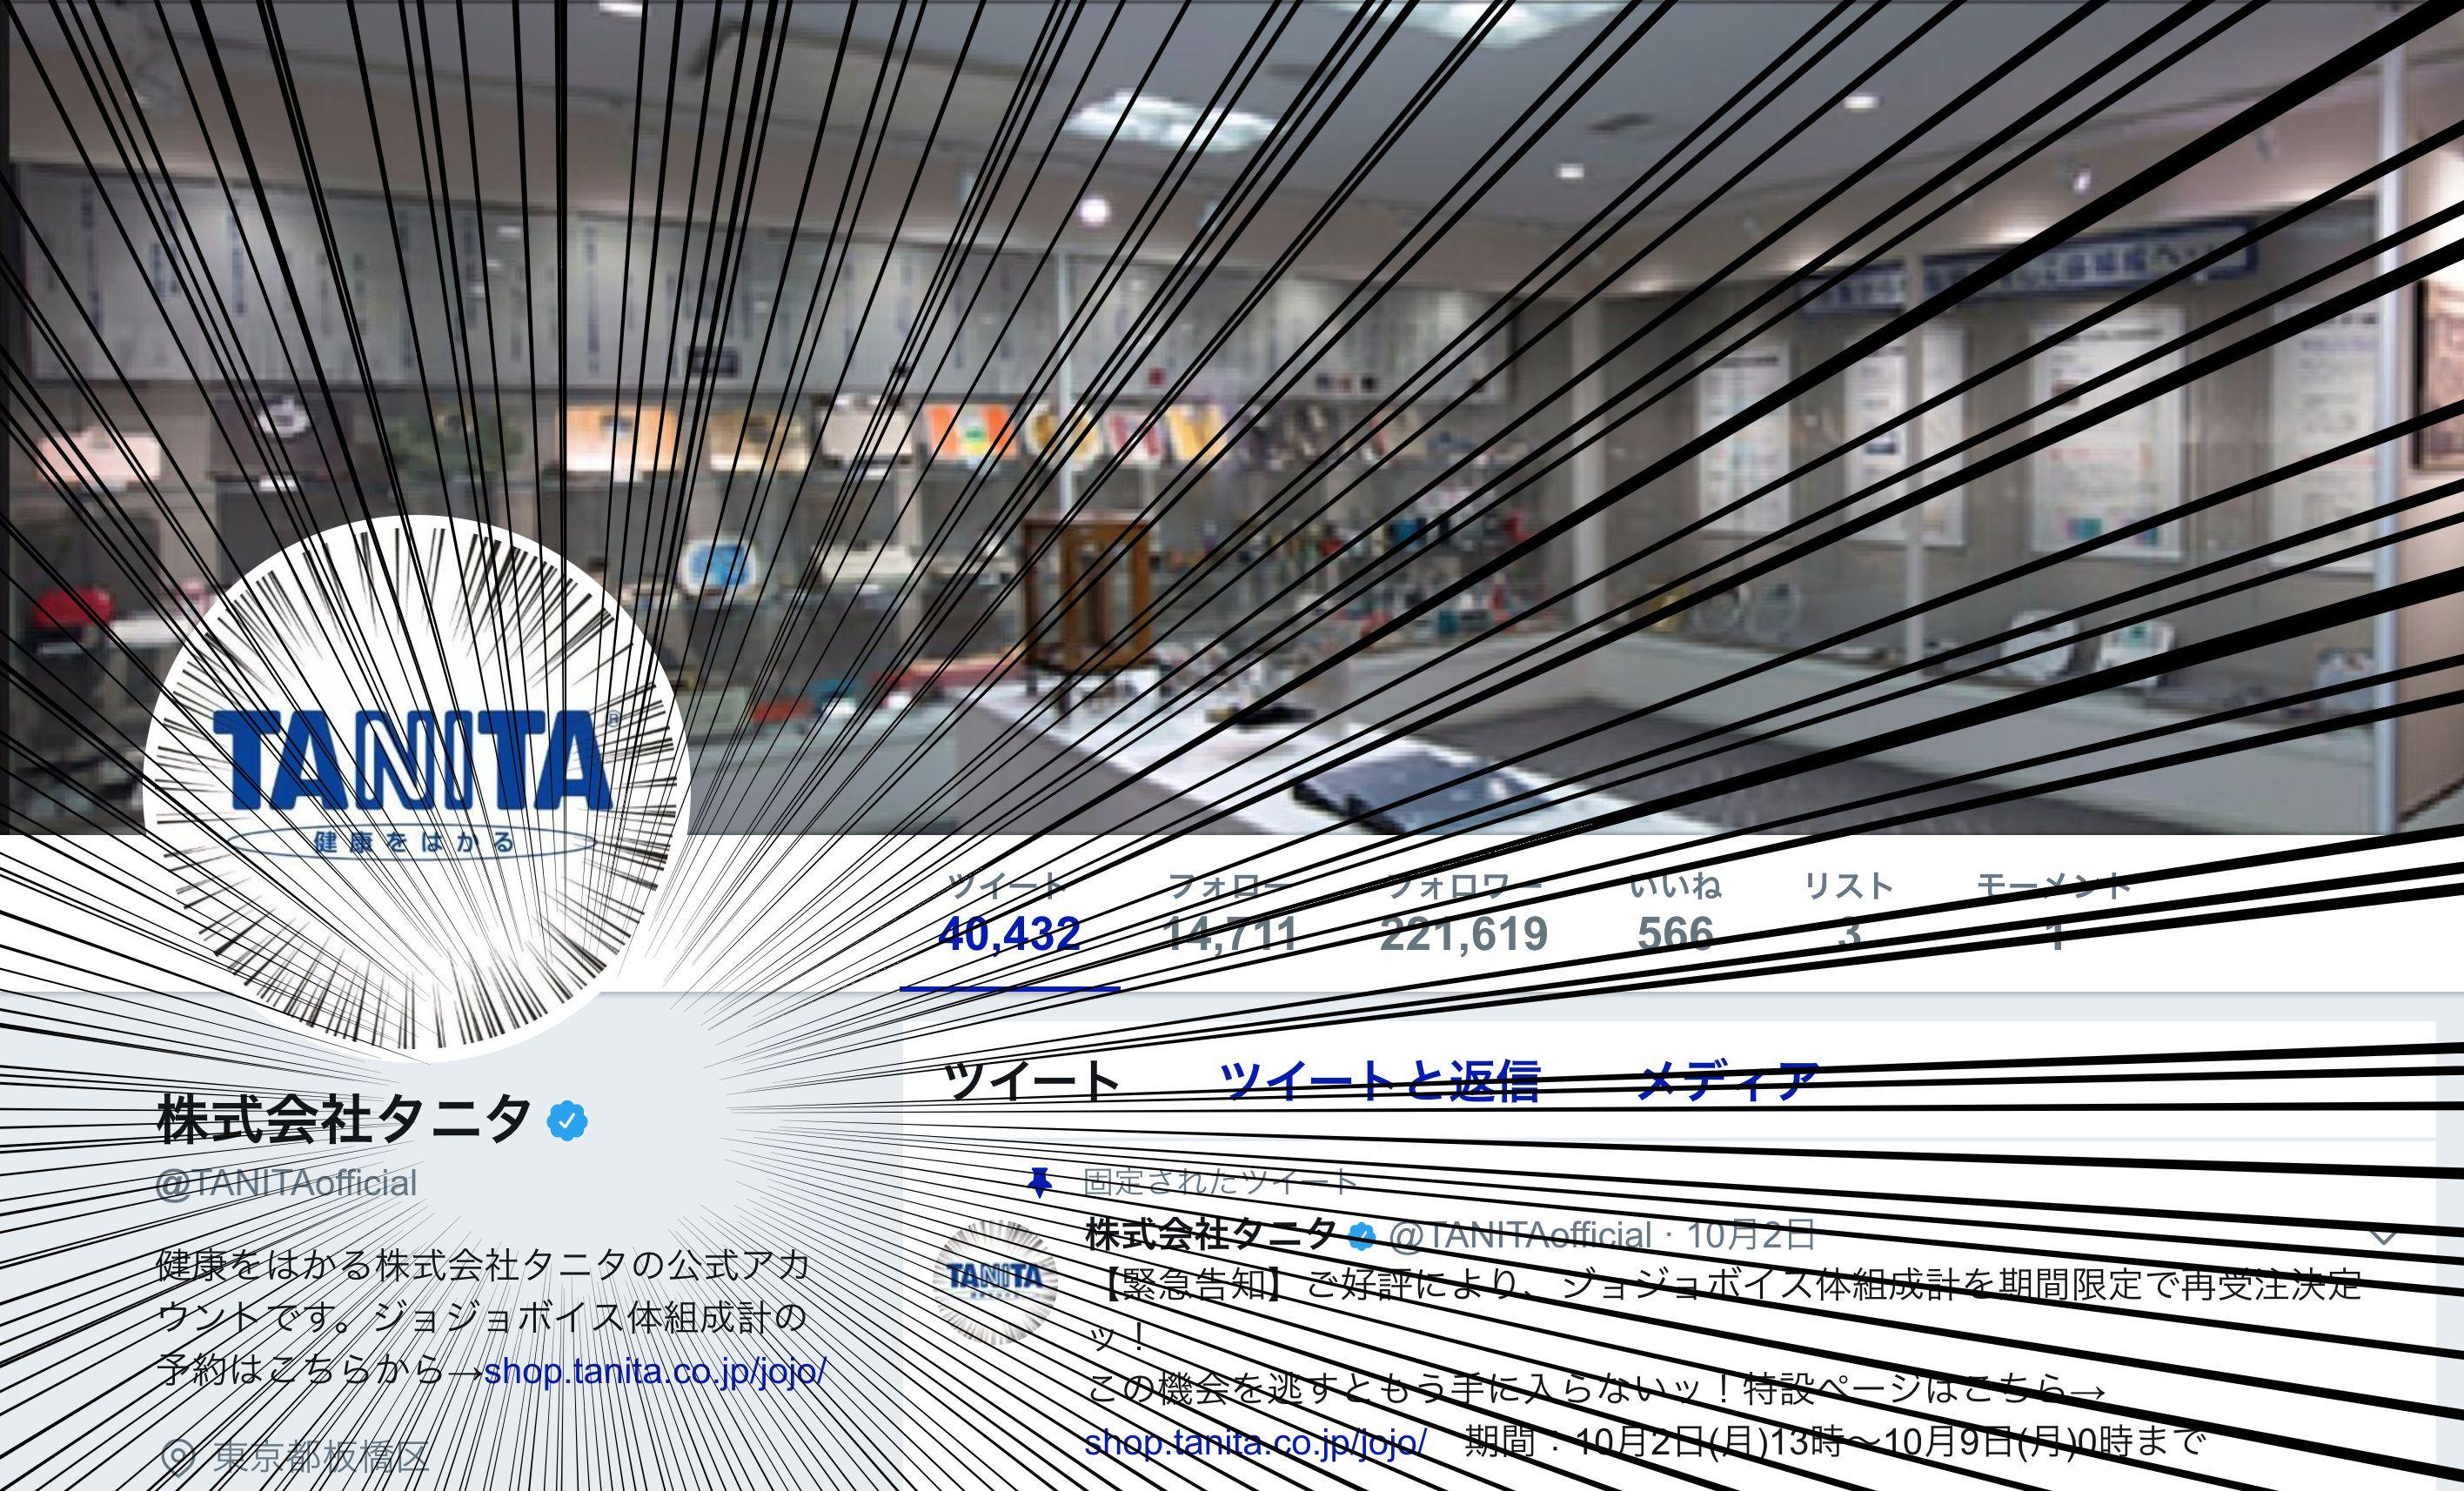 タニタ公式Twitterアカウント、念願の「認証済みバッジ」を取得 !祝福のコメントが続々